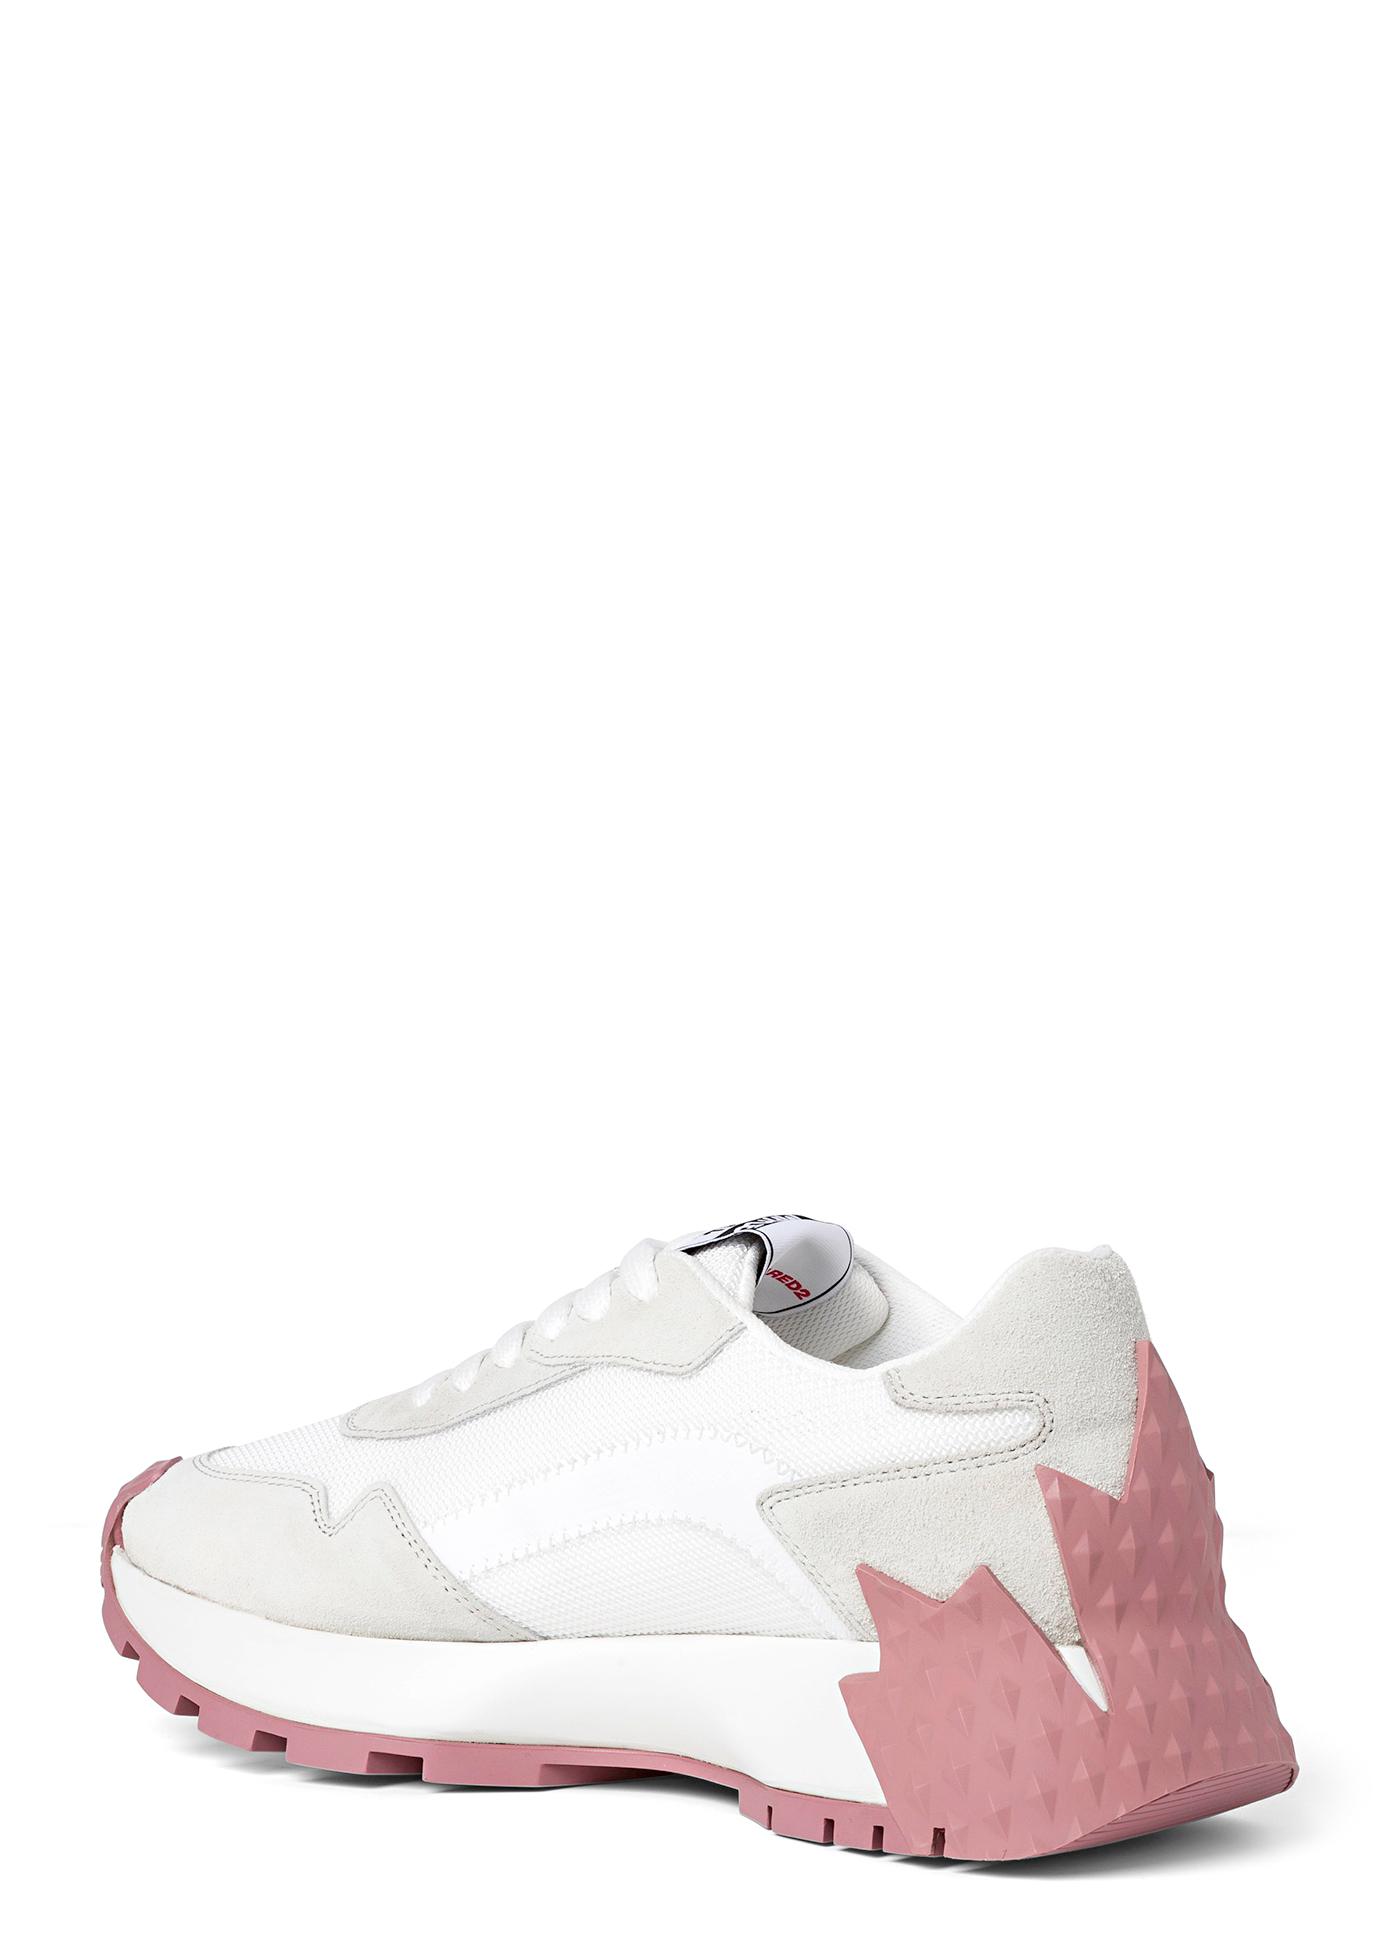 Leaf Back Sole Sneaker image number 2